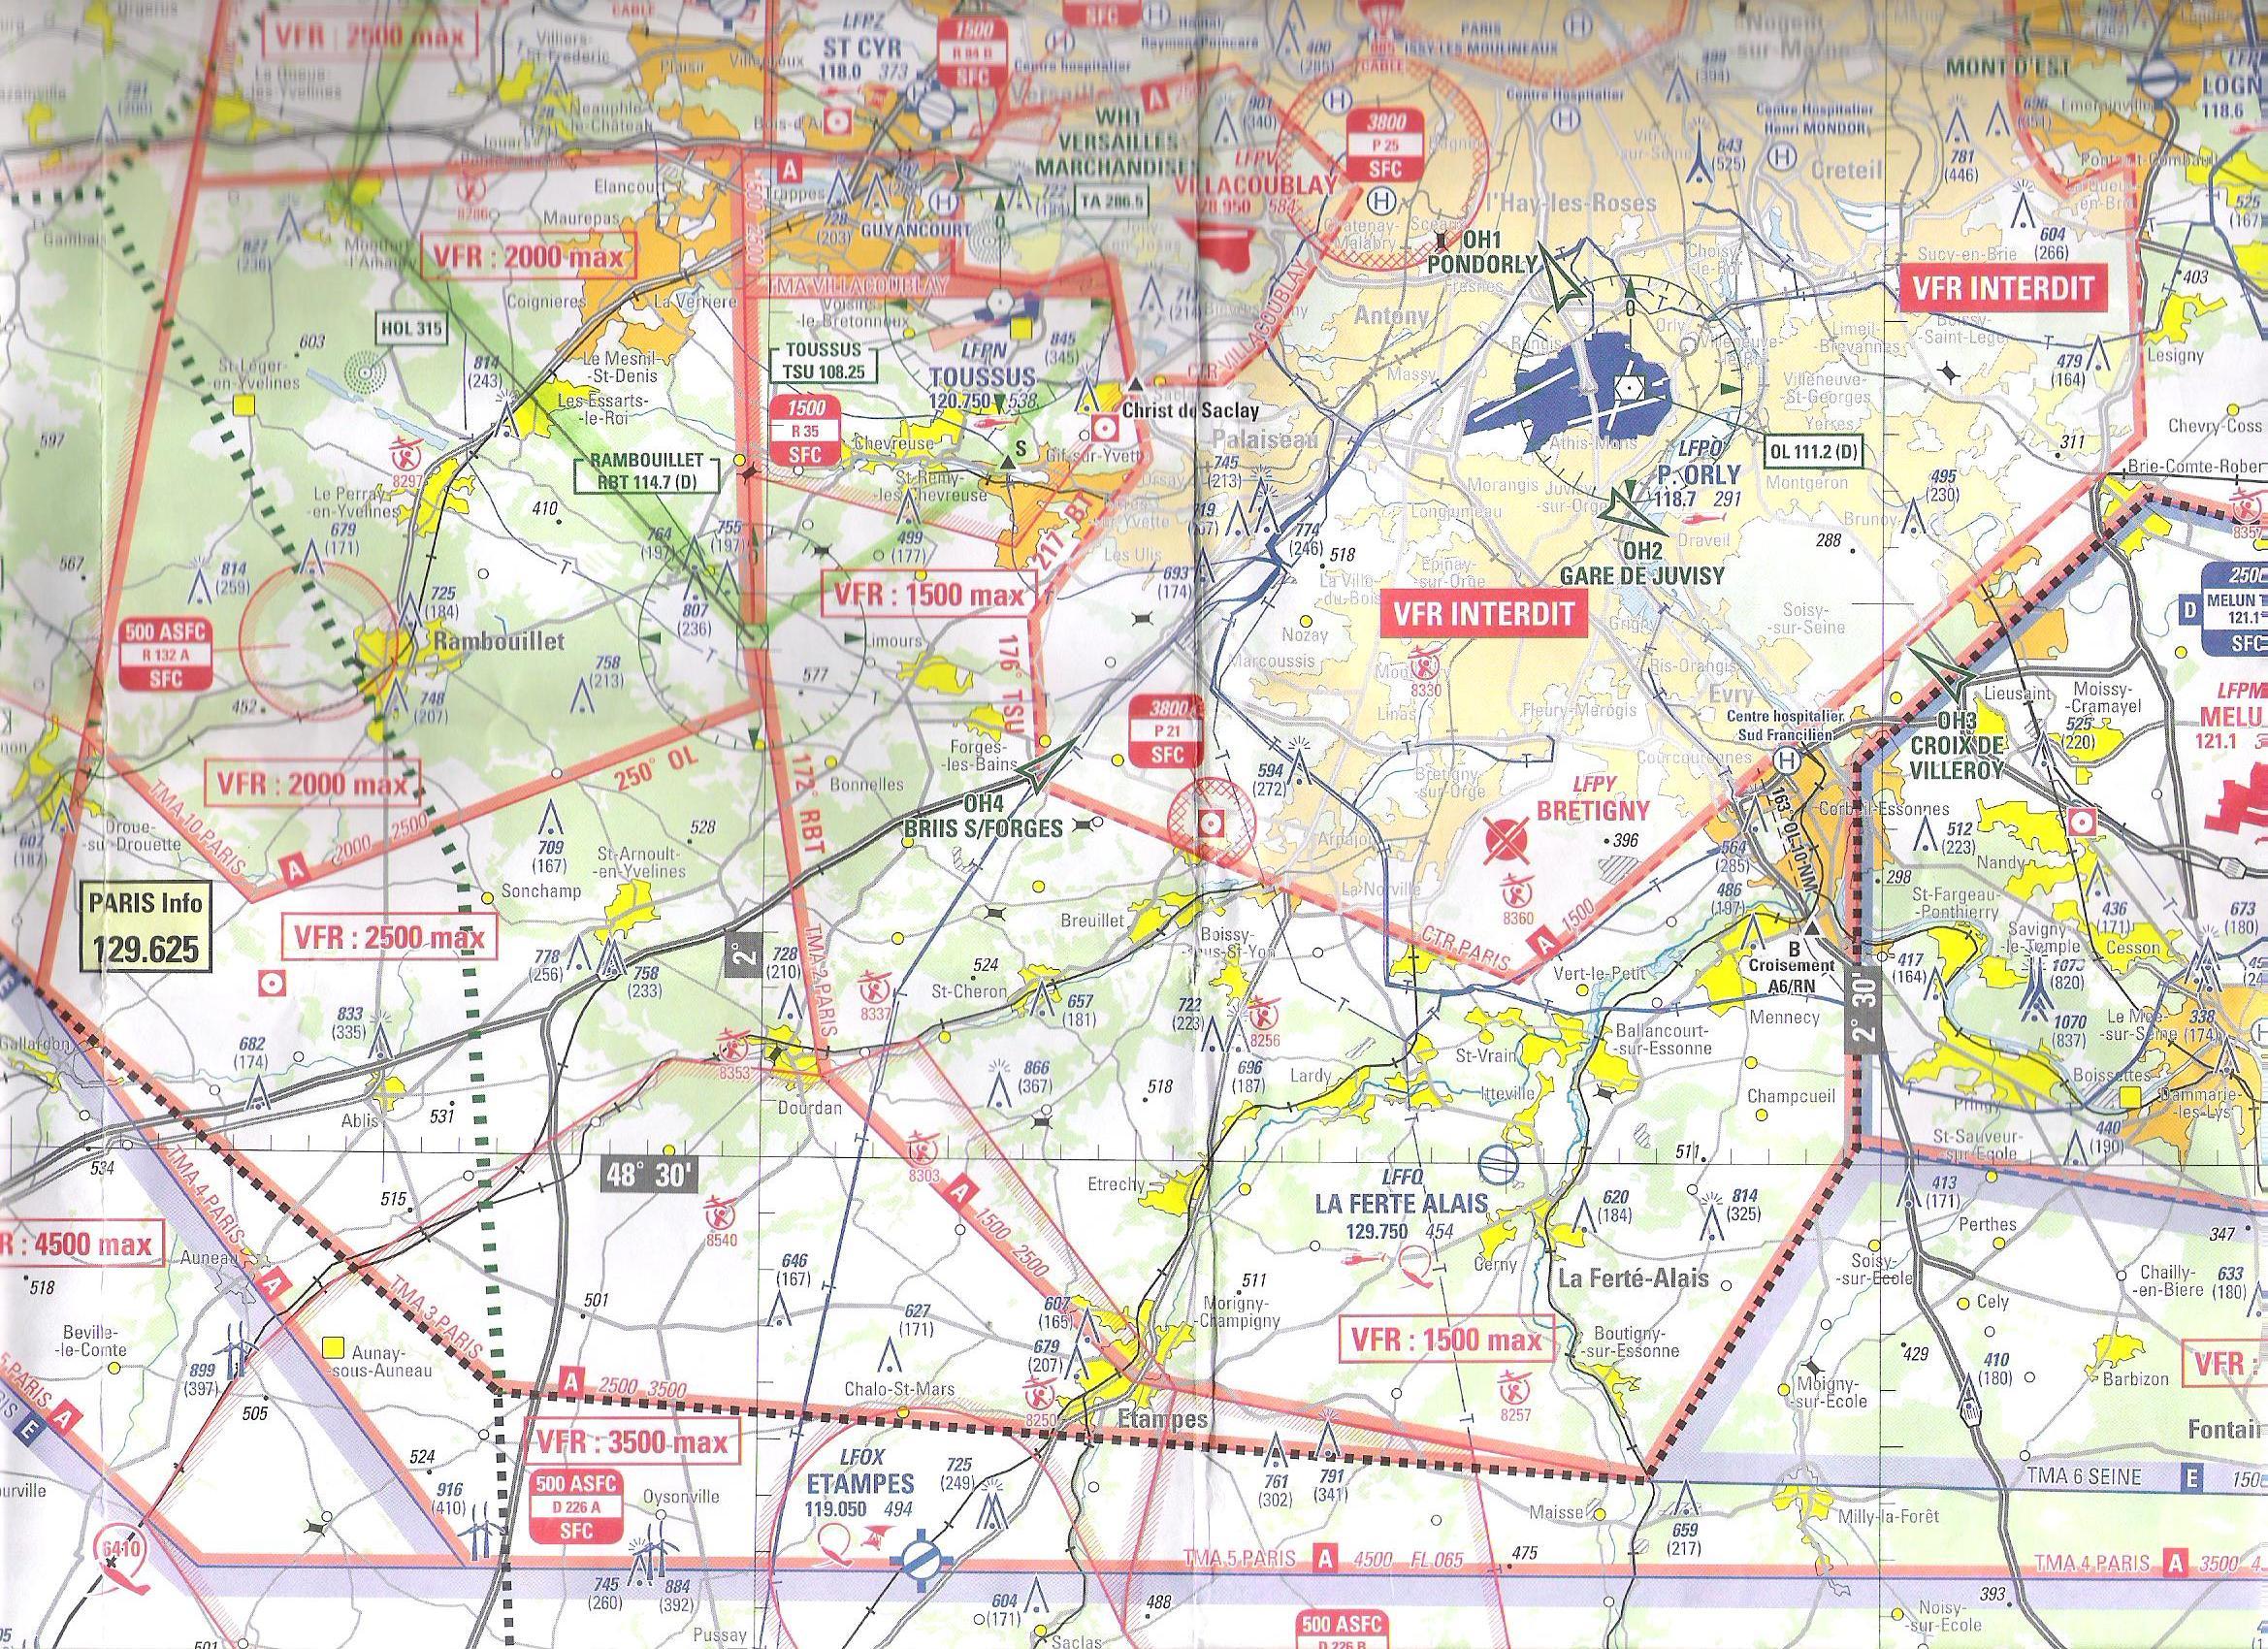 Carte Aeronautique Region Parisienne.Nouveautes Dans La Region Parisienne Volets10 Fr